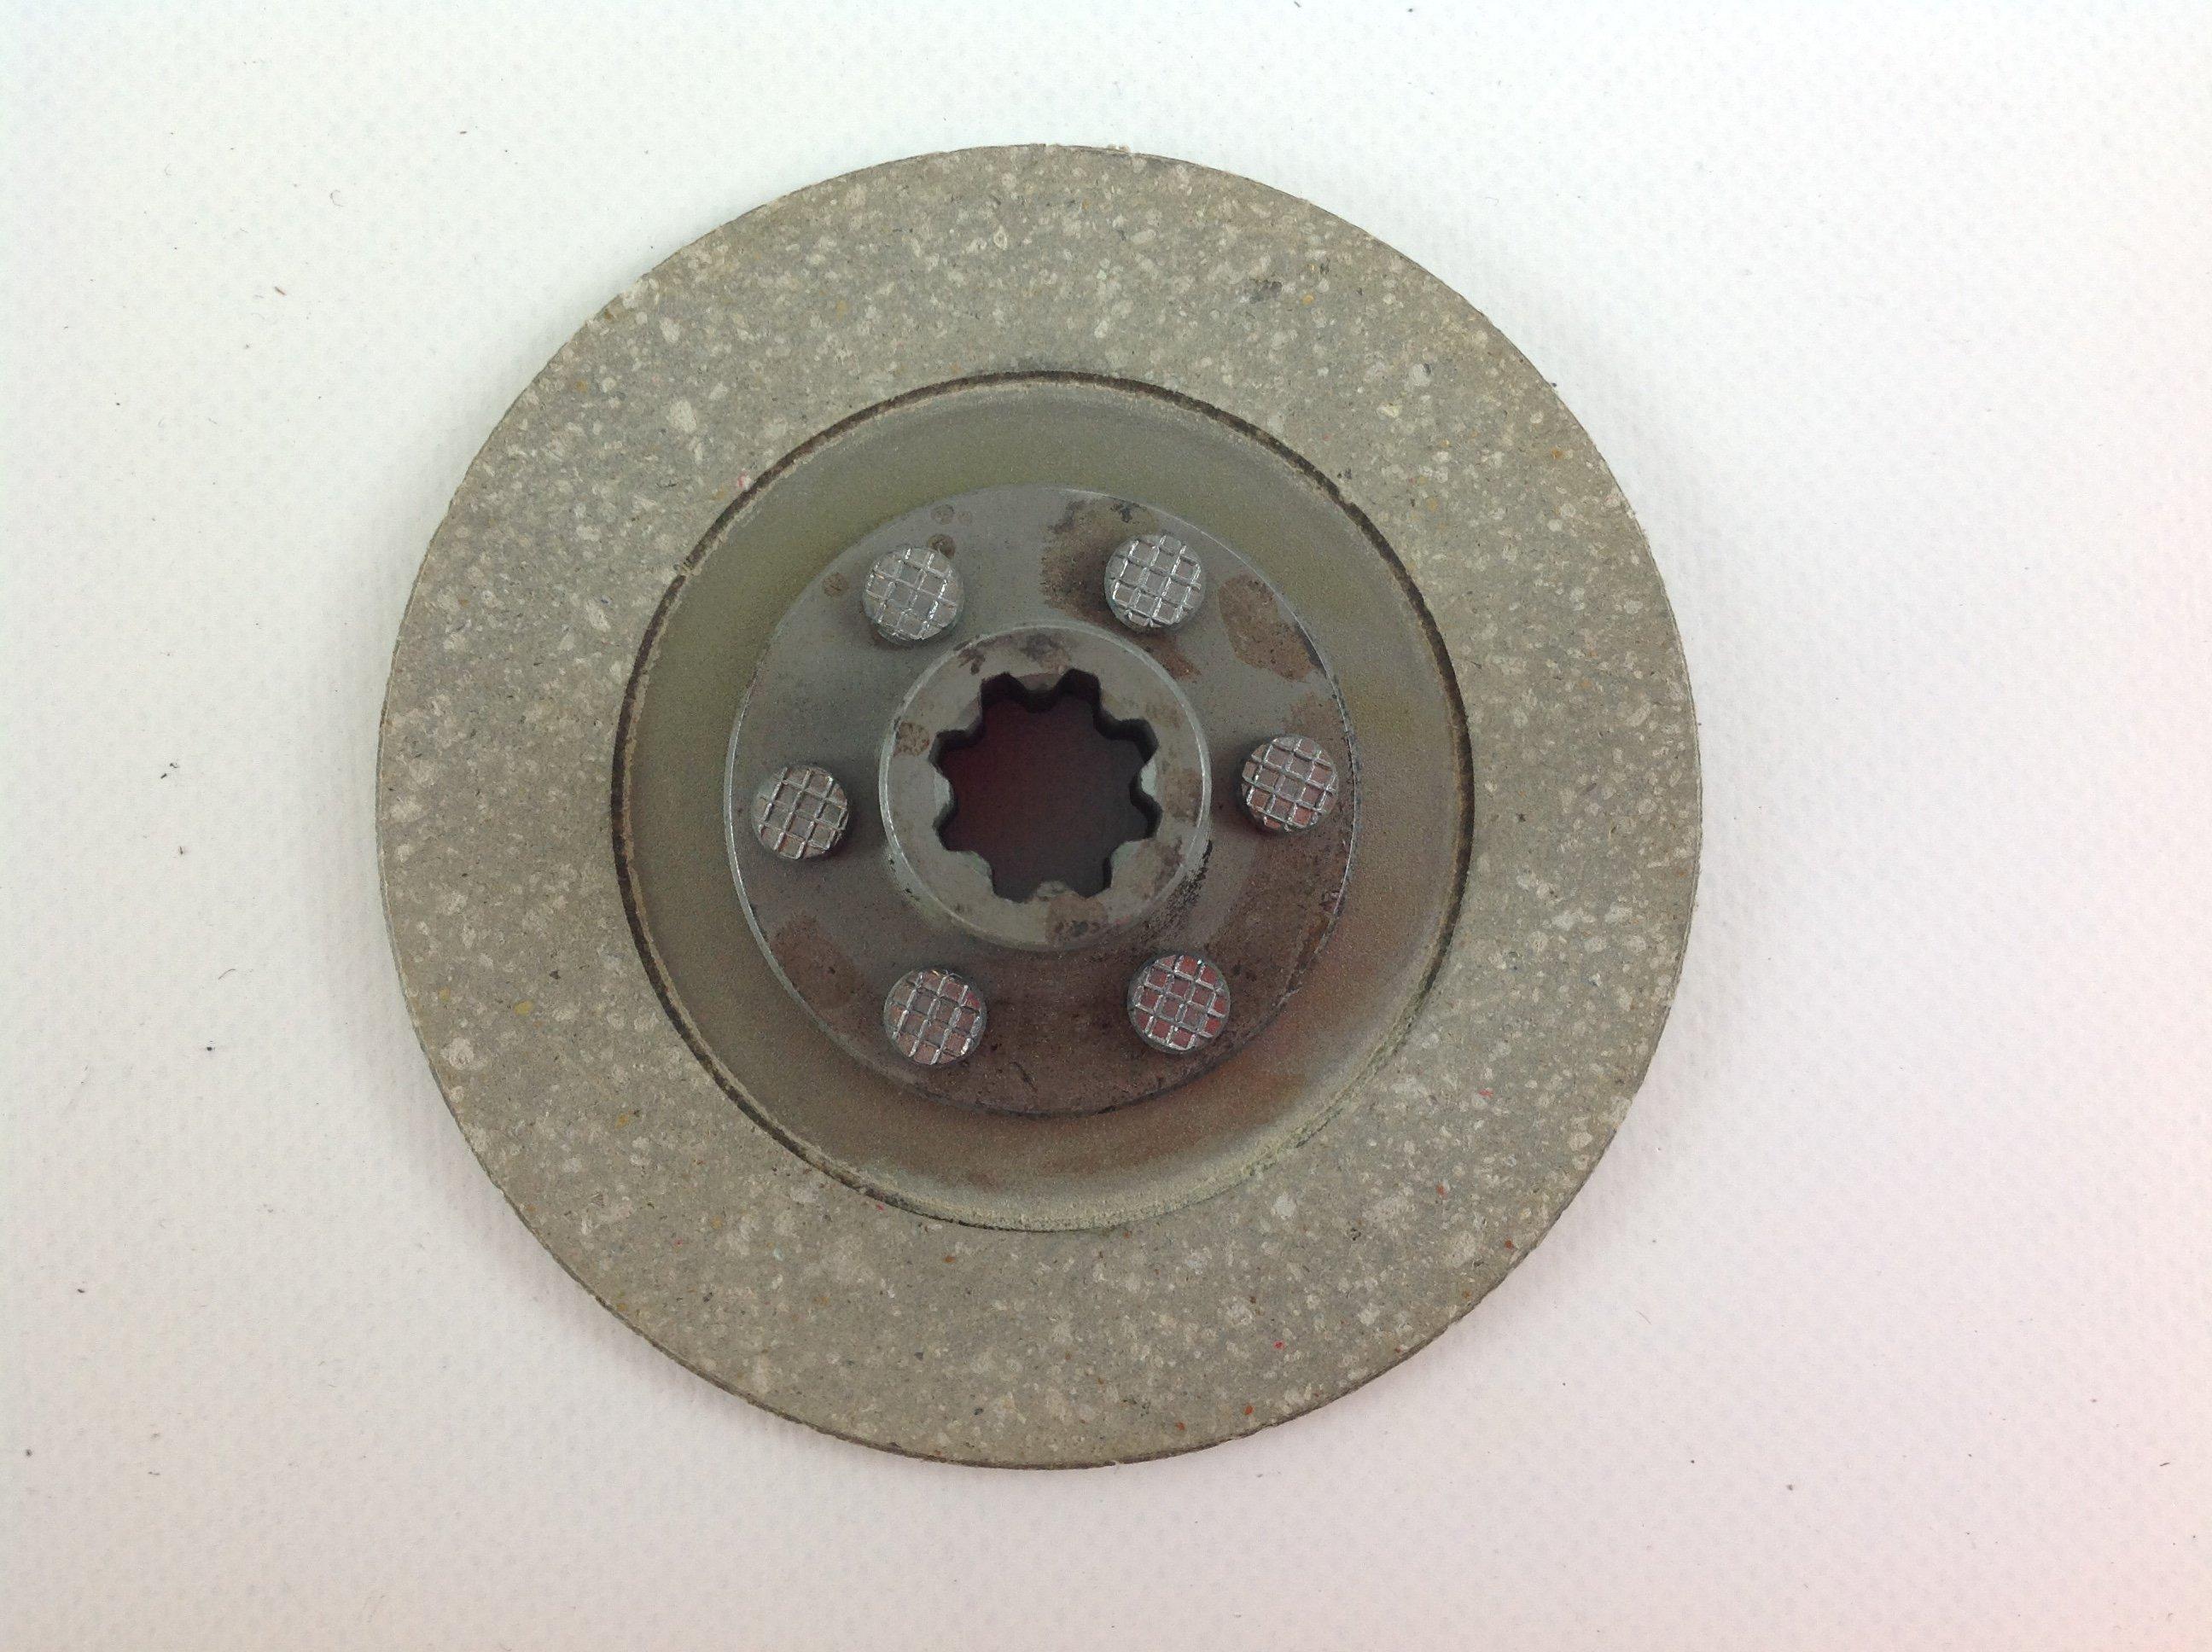 disco Kupplung 15189 Einachsschlepper rapid 94x61x1,5 kompatibel ...